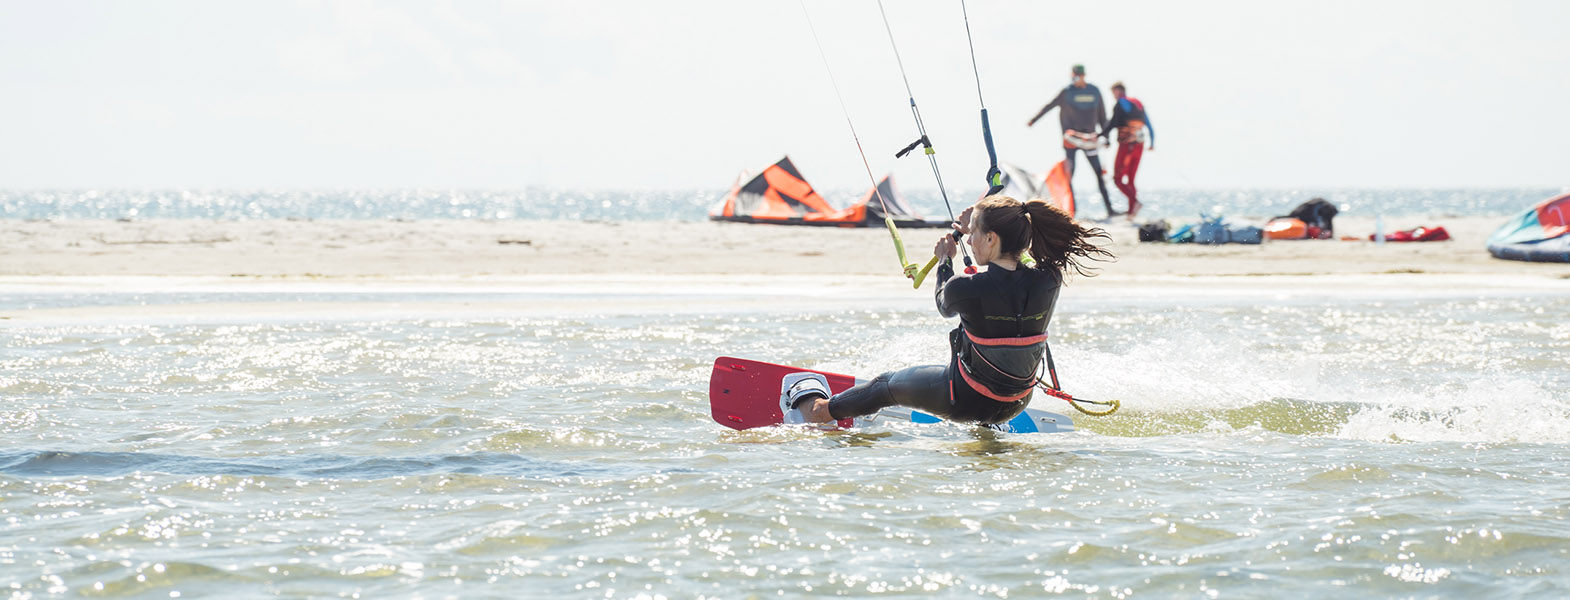 Kurs kitesurfingu 3